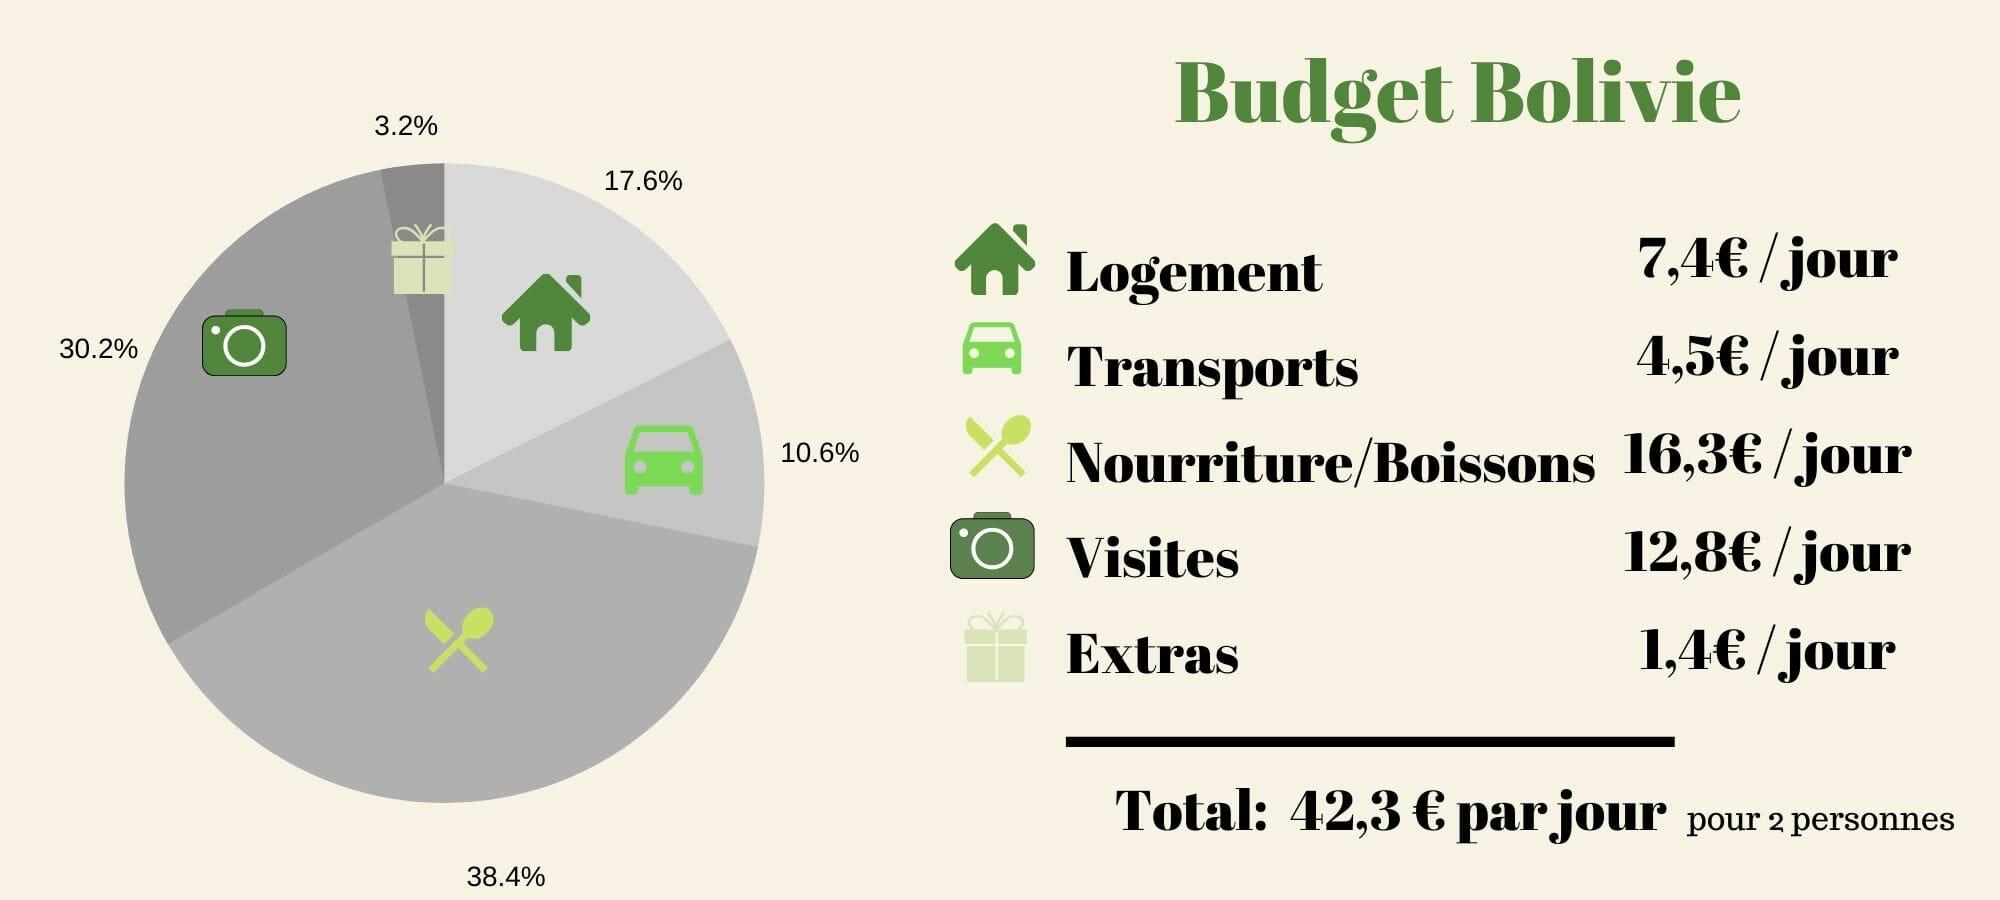 budget bolivie